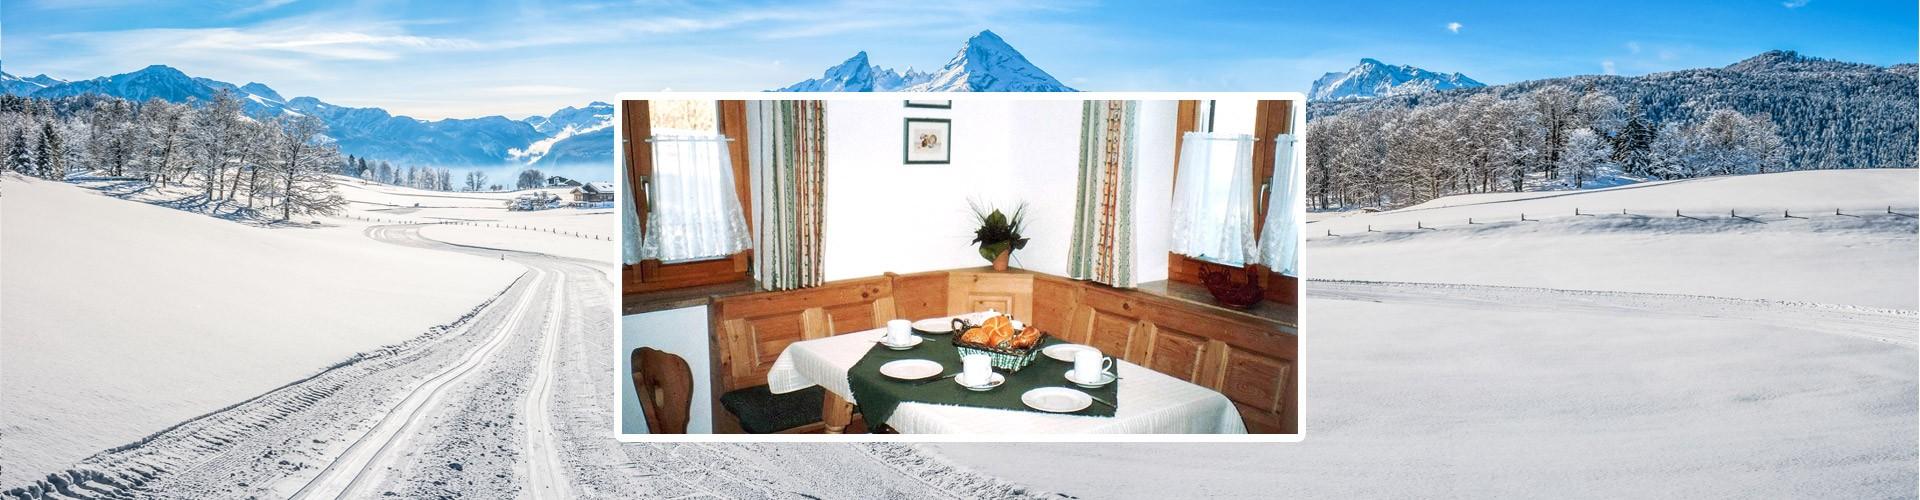 Ferienwohnungen Schwöbeck im Winter